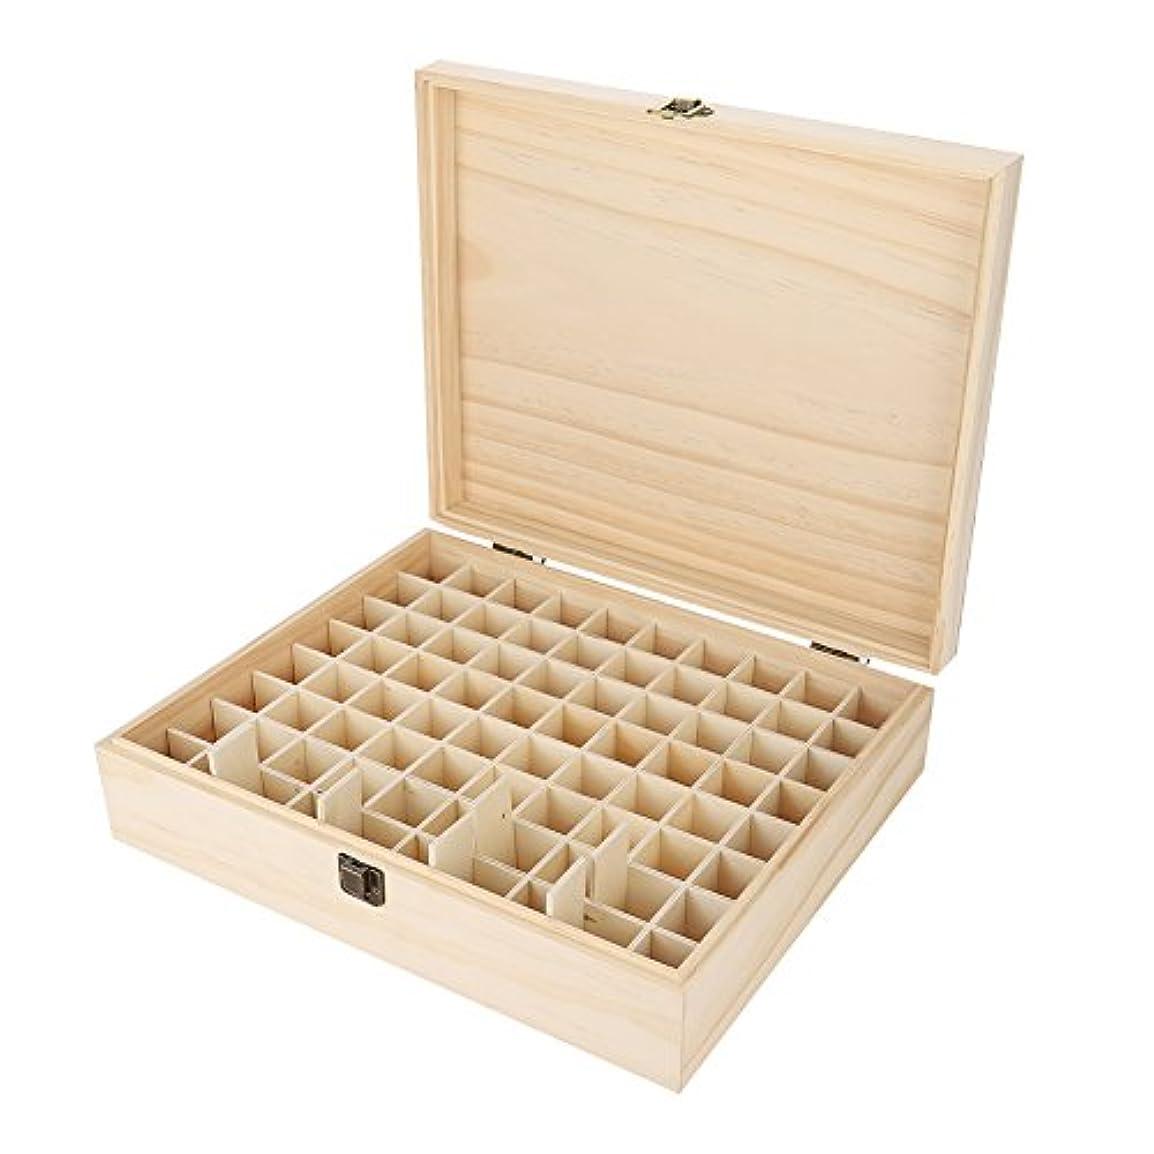 める含むレンジエッセンシャルオイルボックス、74スロット木製エッセンシャルオイル収納ボックスオーガナイザーケースアロマセラピーキャリングケーストラベルディスプレイプレゼンテーションコンテナ大容量